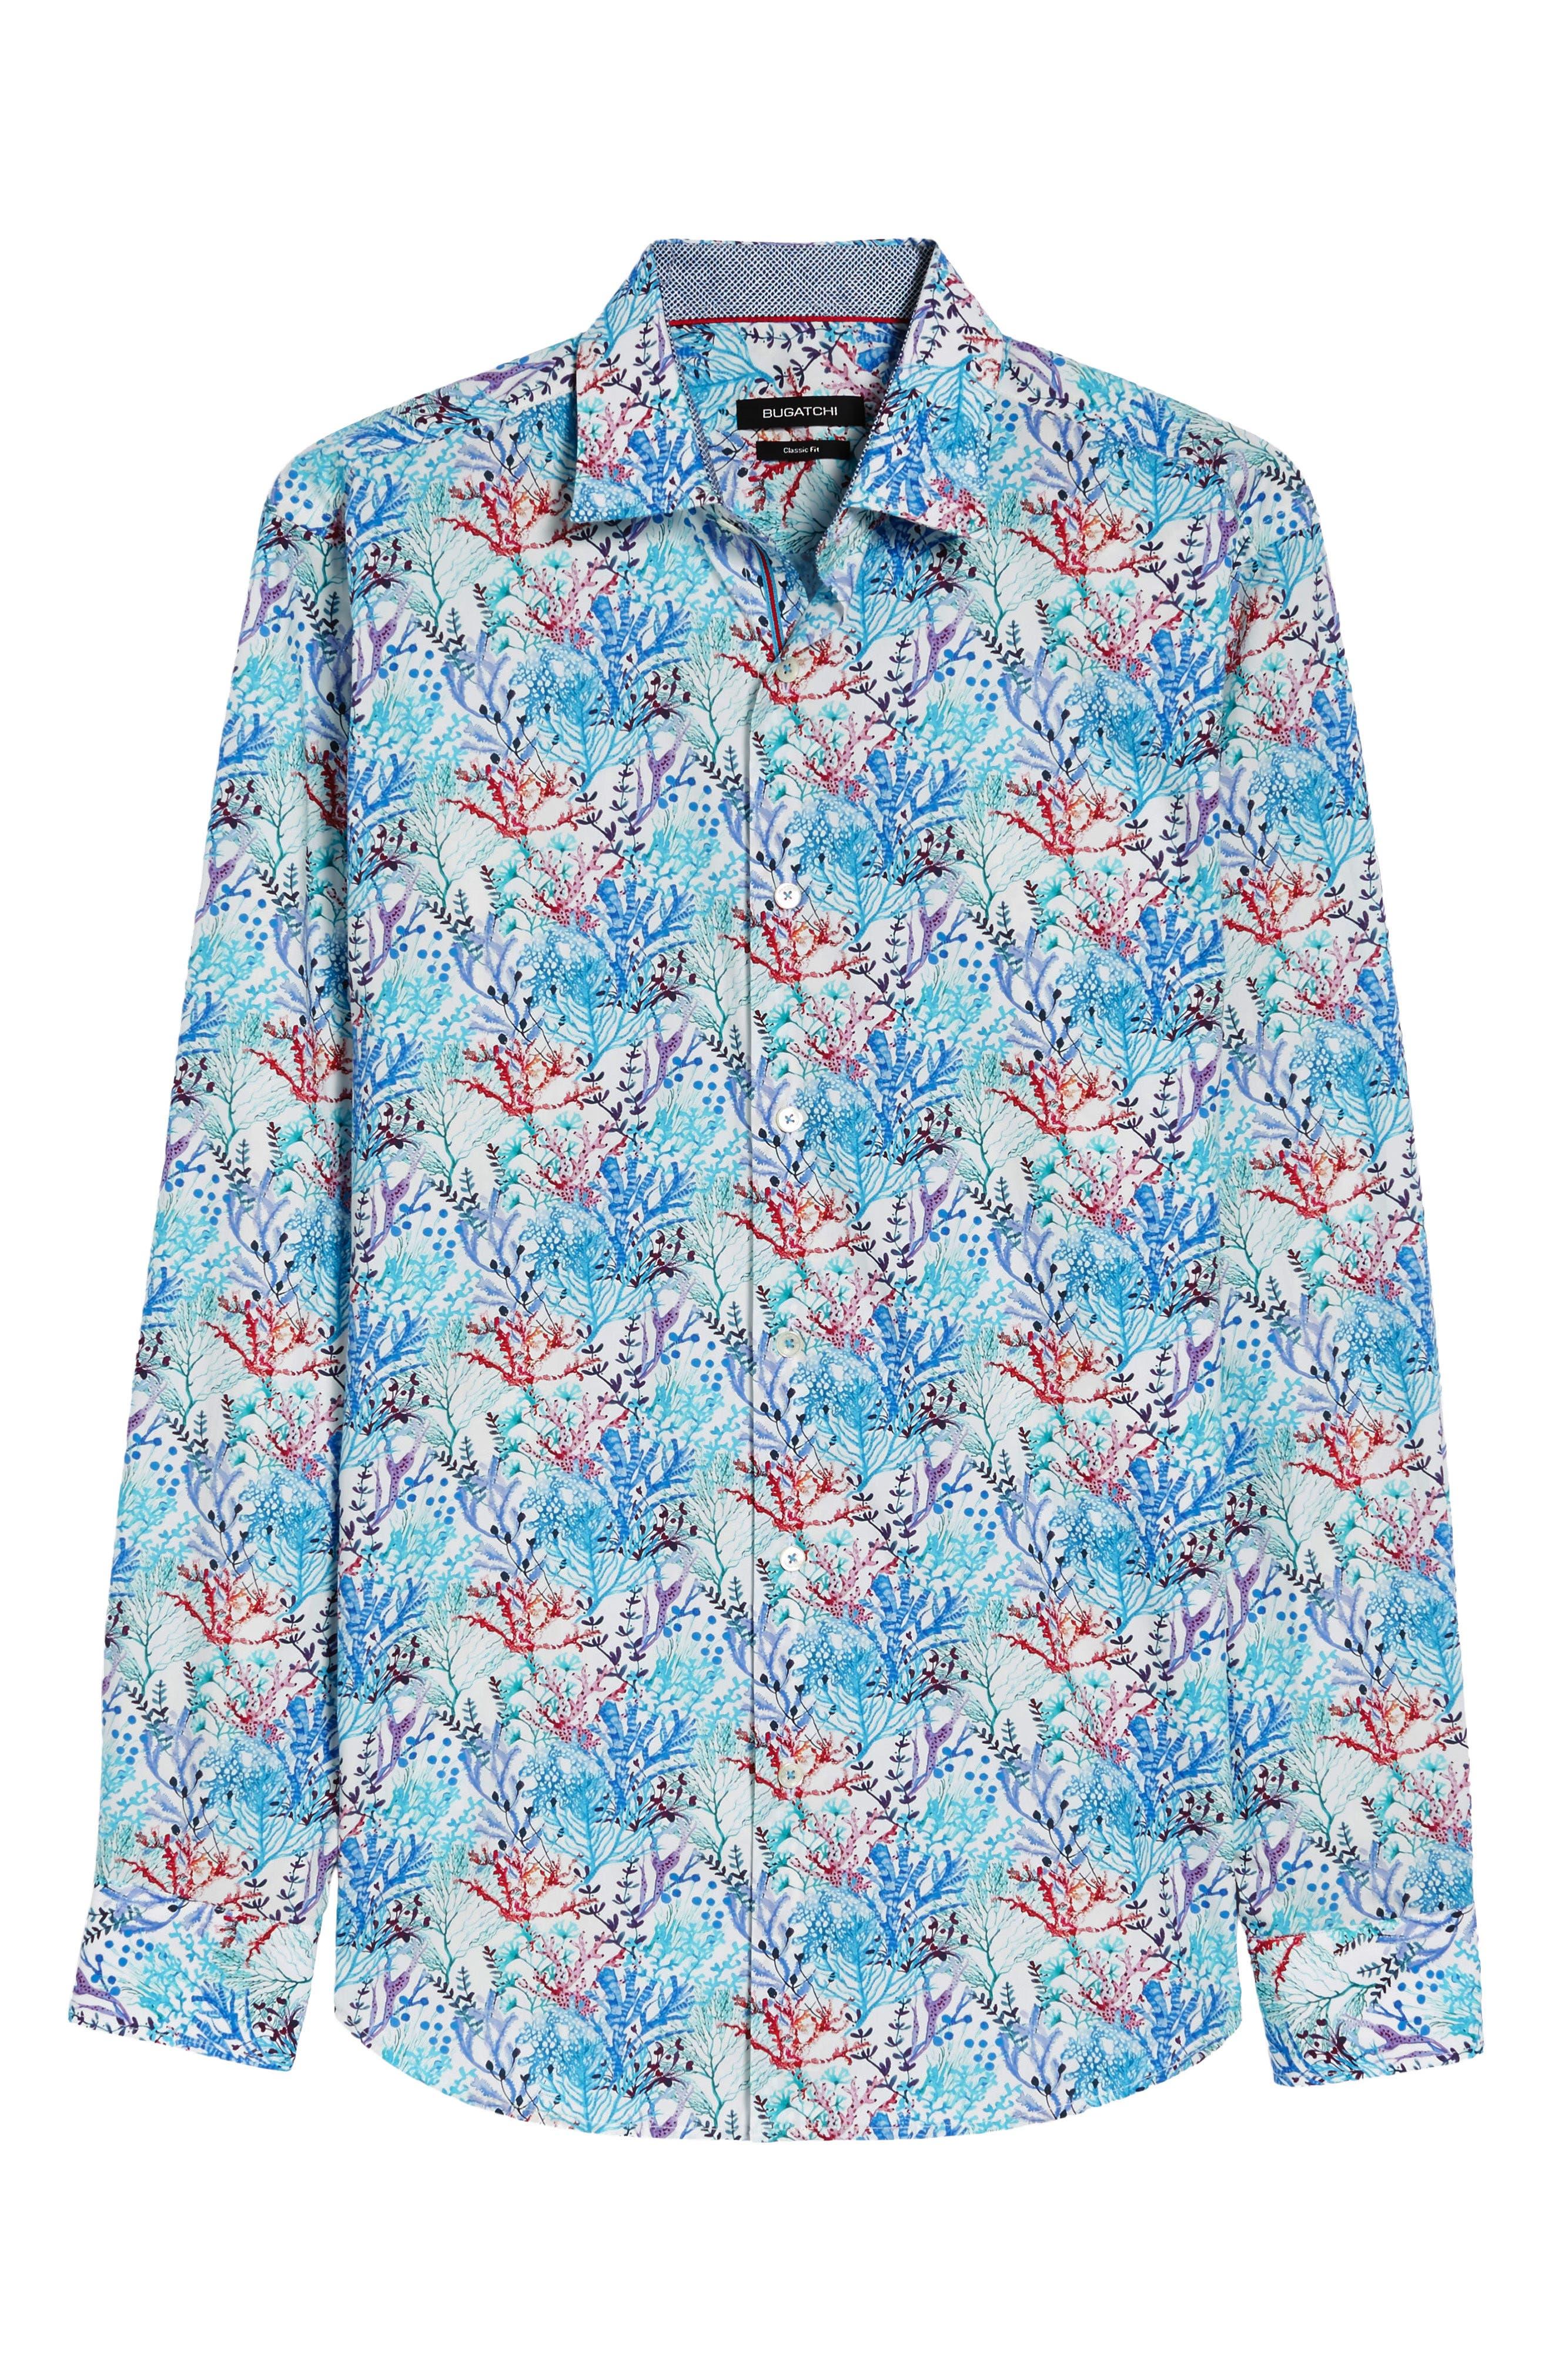 BUGATCHI,                             Classic Fit Floral Print Sport Shirt,                             Alternate thumbnail 6, color,                             425